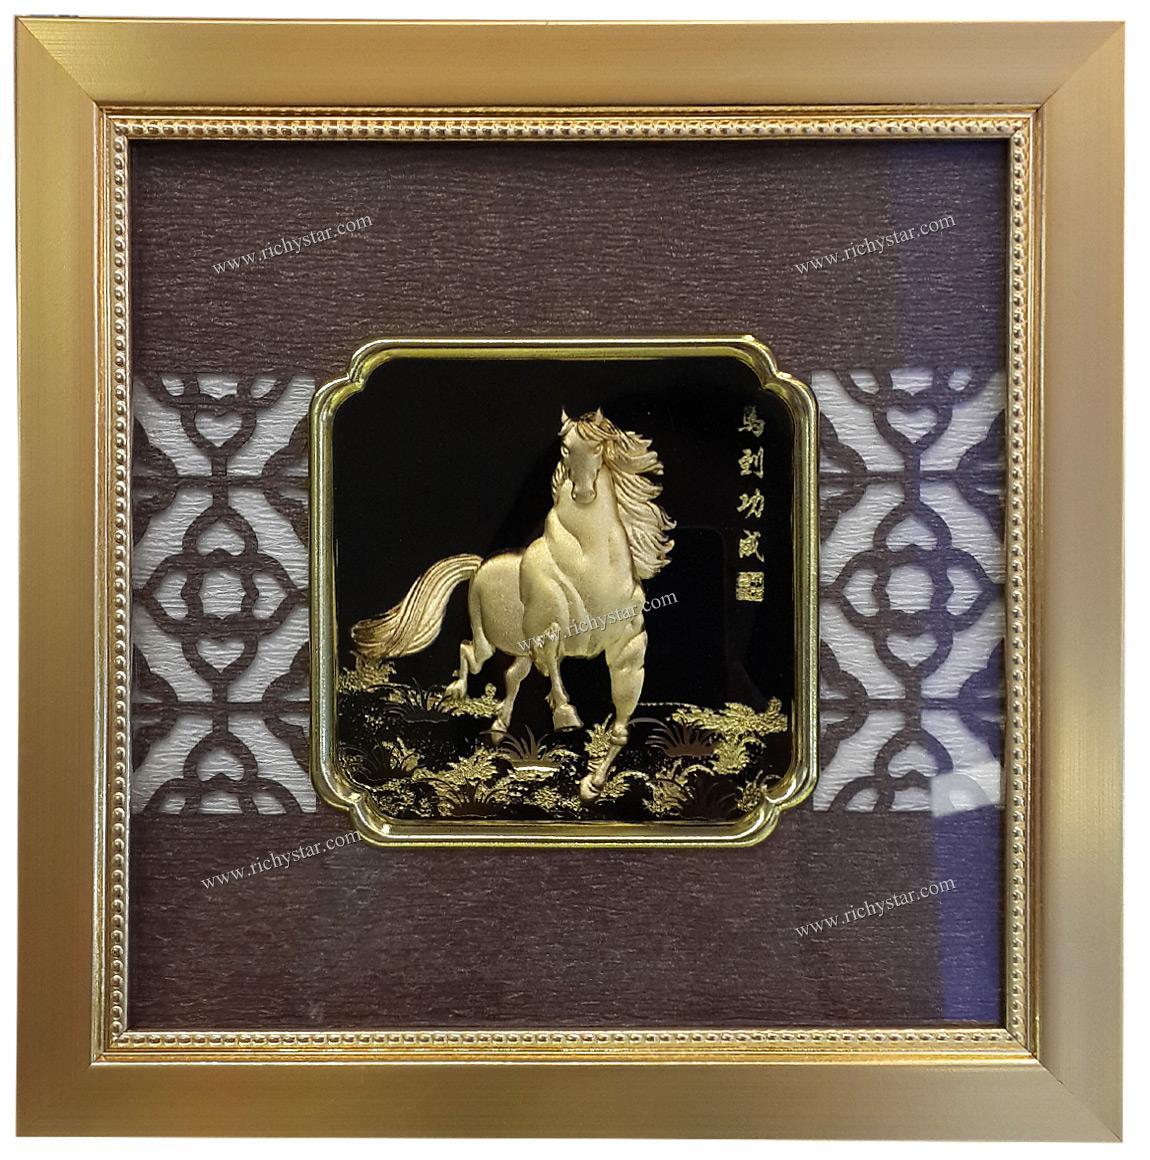 กรอบรูปแผ่นทองคำ กรอบรูปทองแผ่น99.99 กรอบรูปตั้งโต๊ะแผ่นทองคำ กรอบรูปแผ่นทอง กรอบรูปม้าทำจากทองคำ กรอบรูปม้ามงคล กรอบรูปตั้งโต๊ะม้า กรอบรูปตั๋งโต๊ะม้ามงคล ของขวัญปีใหม่ ของขวัญปีใหม่2557 ของขวัญปีใหม่2014 ของขวัญปีใหม่ปีม้า ของขวัญปีใหม่ปีมะเมีย ของขวัญมงคลให้ผู้ใหญ่ ของขวัญปีใหม่ให้ผู้ใหญ่ ของขวัญมงคลปีใหม่ปีม้า ของขวัญปีใหม่ให้บริษัท ของขวัญมงคลเปิดบริษัทใหม่